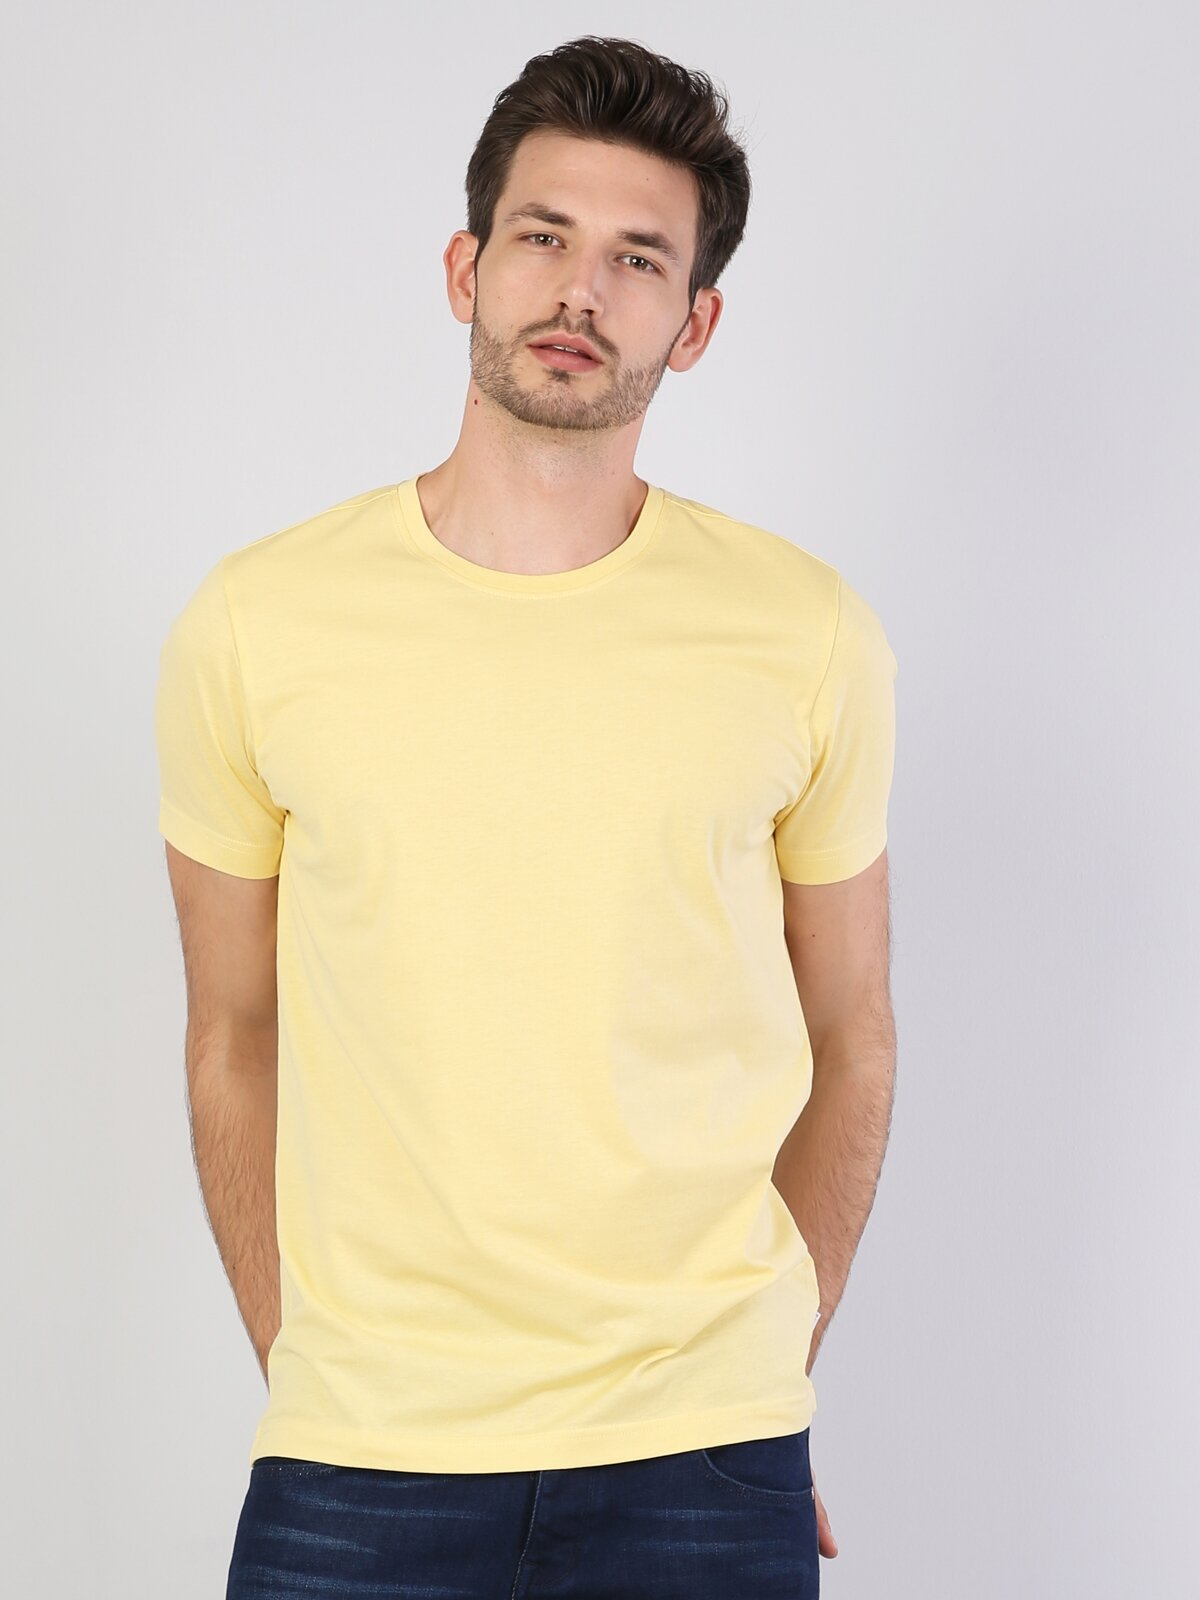 Sarı Bisiklet Yaka Kısa Kol Tişört